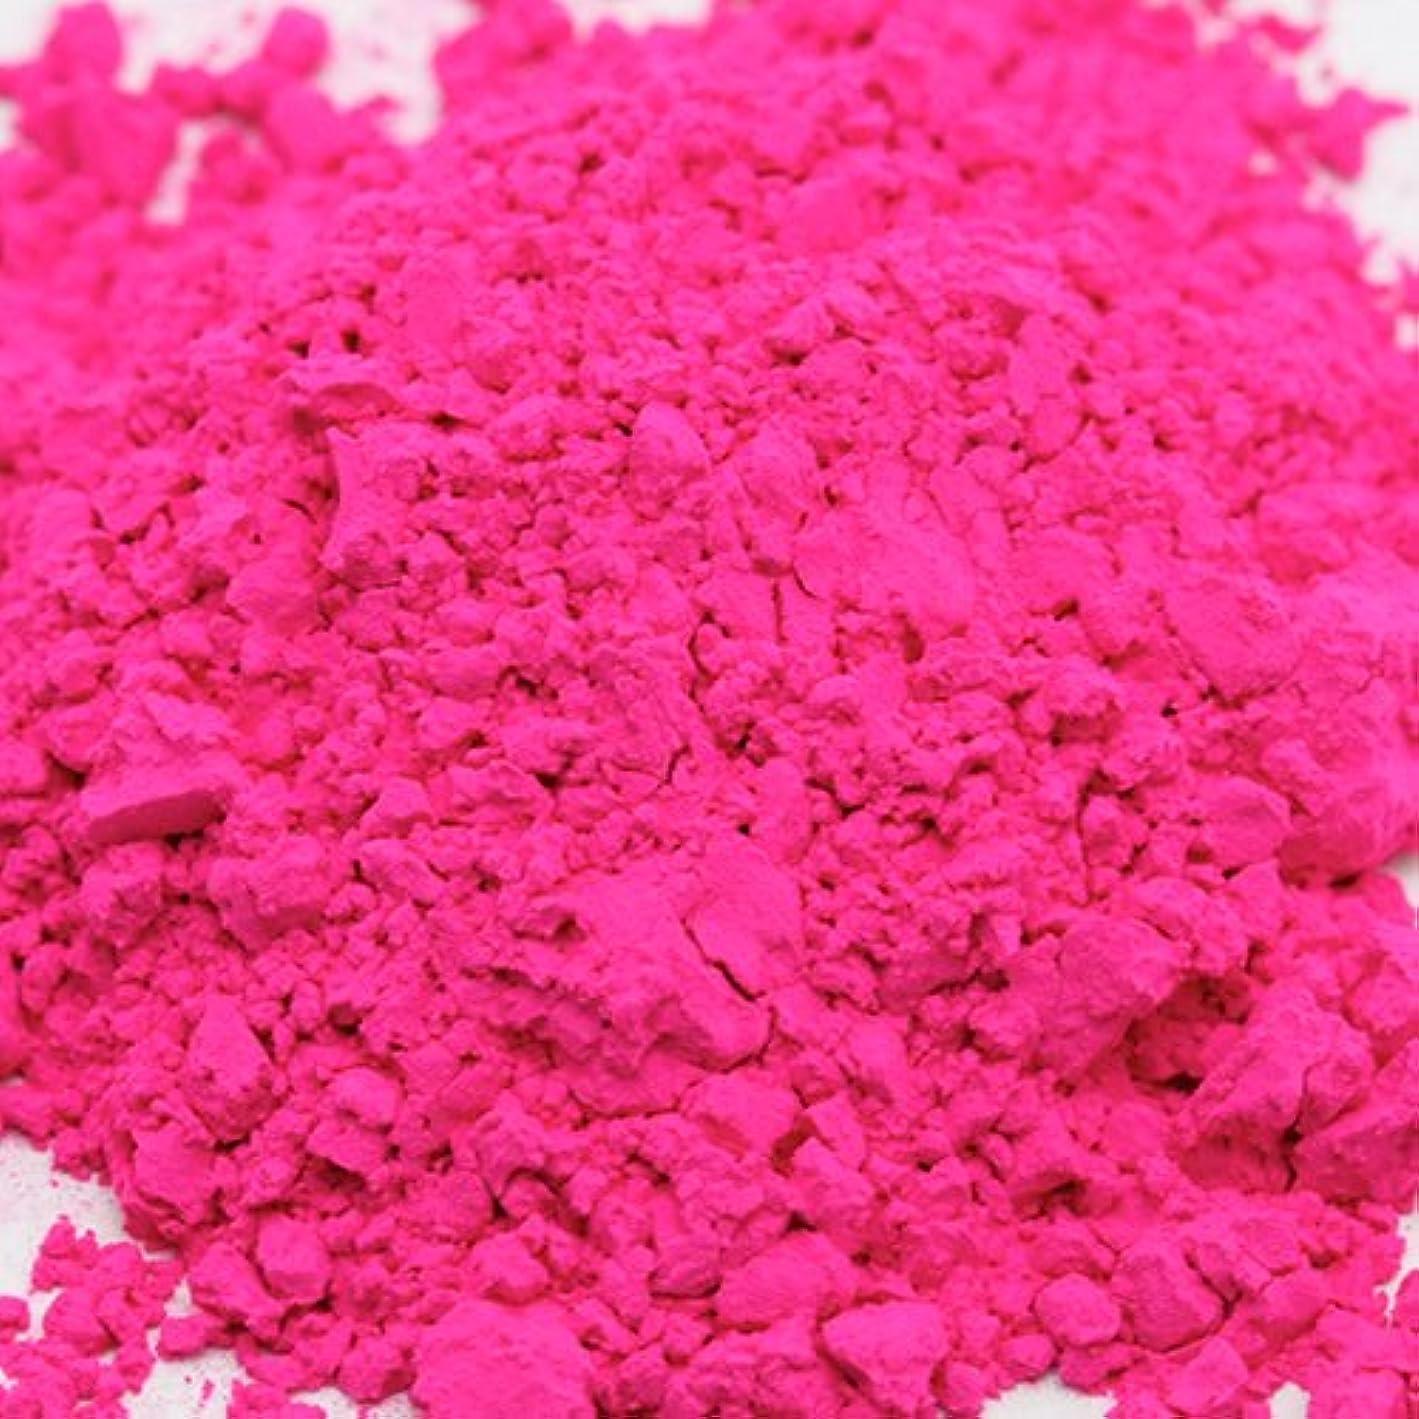 飢えた契約無駄なキャンディカラー ピンク 20g 【手作り石鹸/手作りコスメ/色付け/カラーラント】